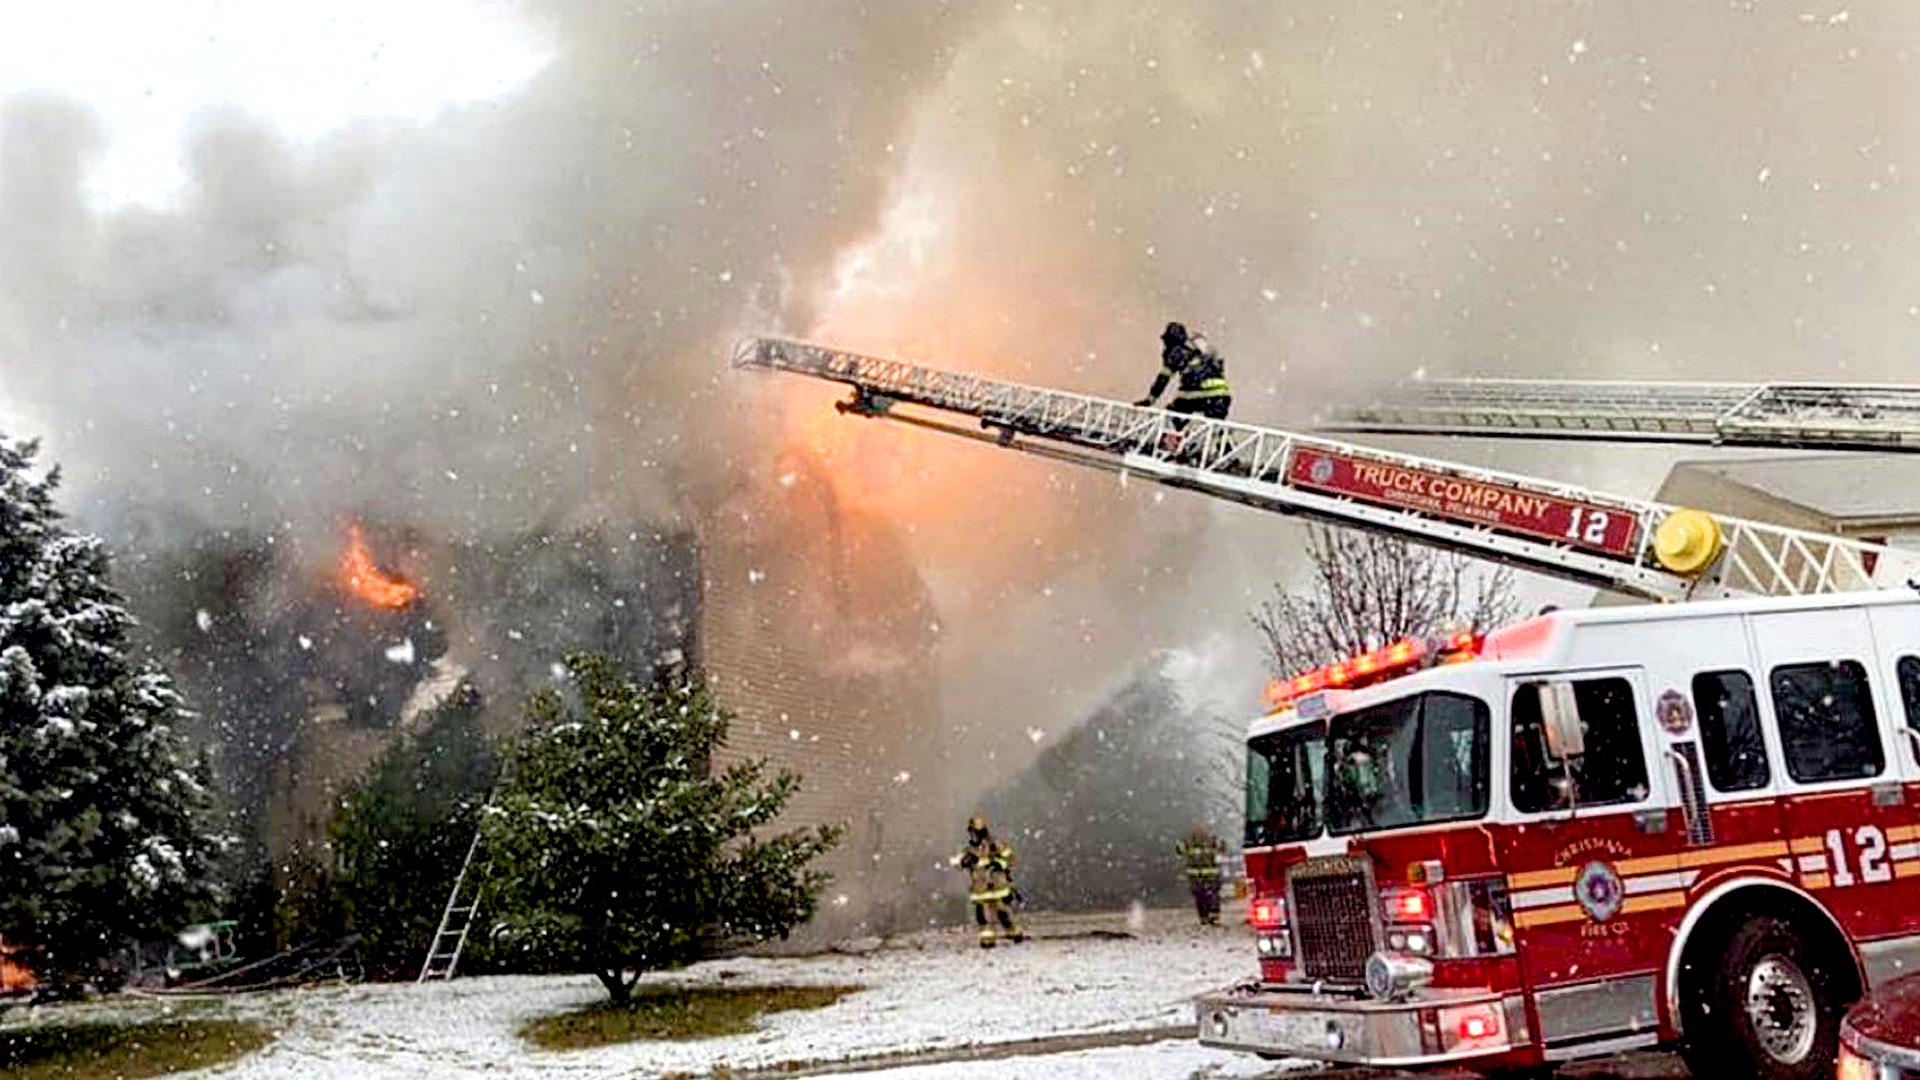 VIDEO: Inferno Heroes: Firefighters Battle Huge House Blaze